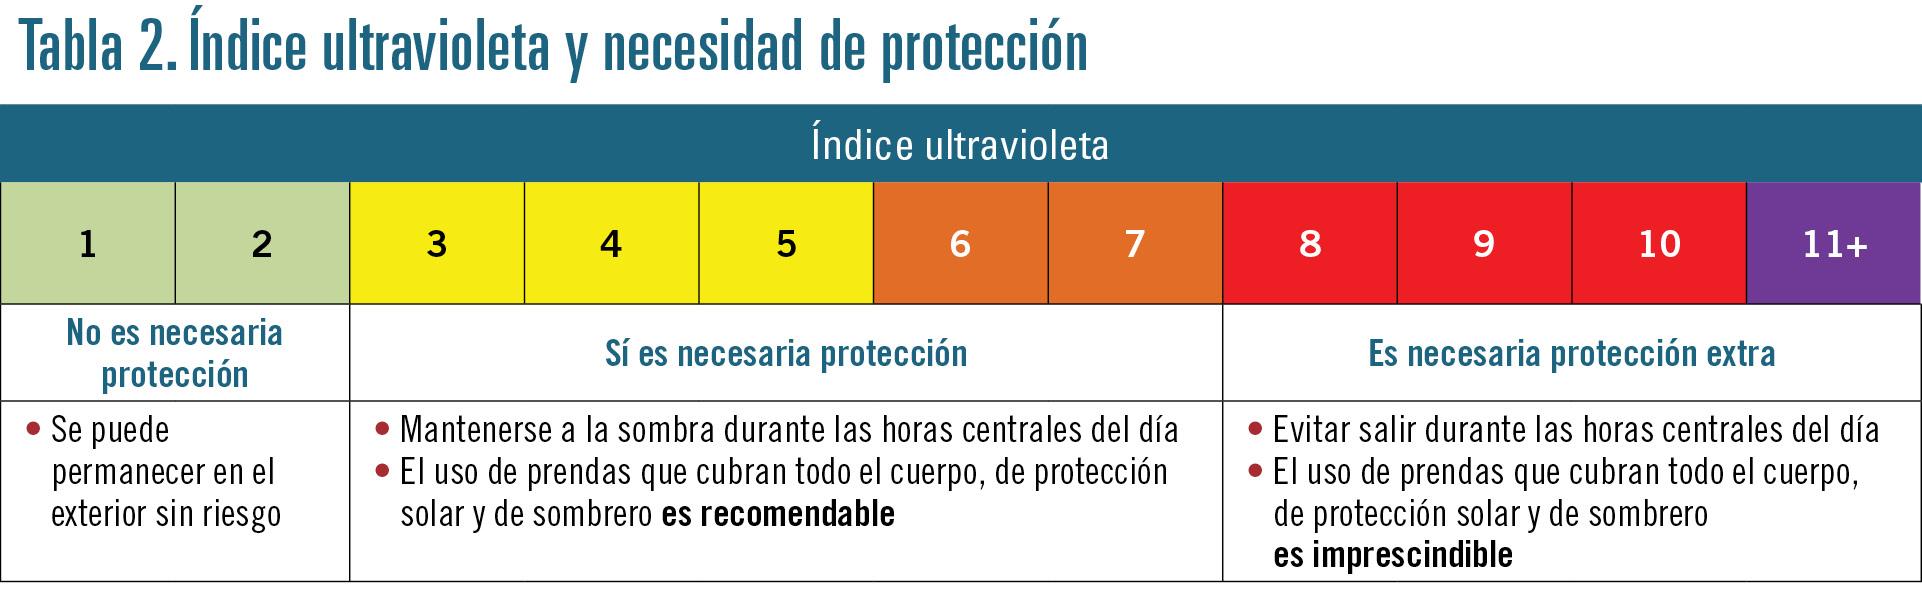 32 EF599 PROFESION fotoproteccion tabla 2